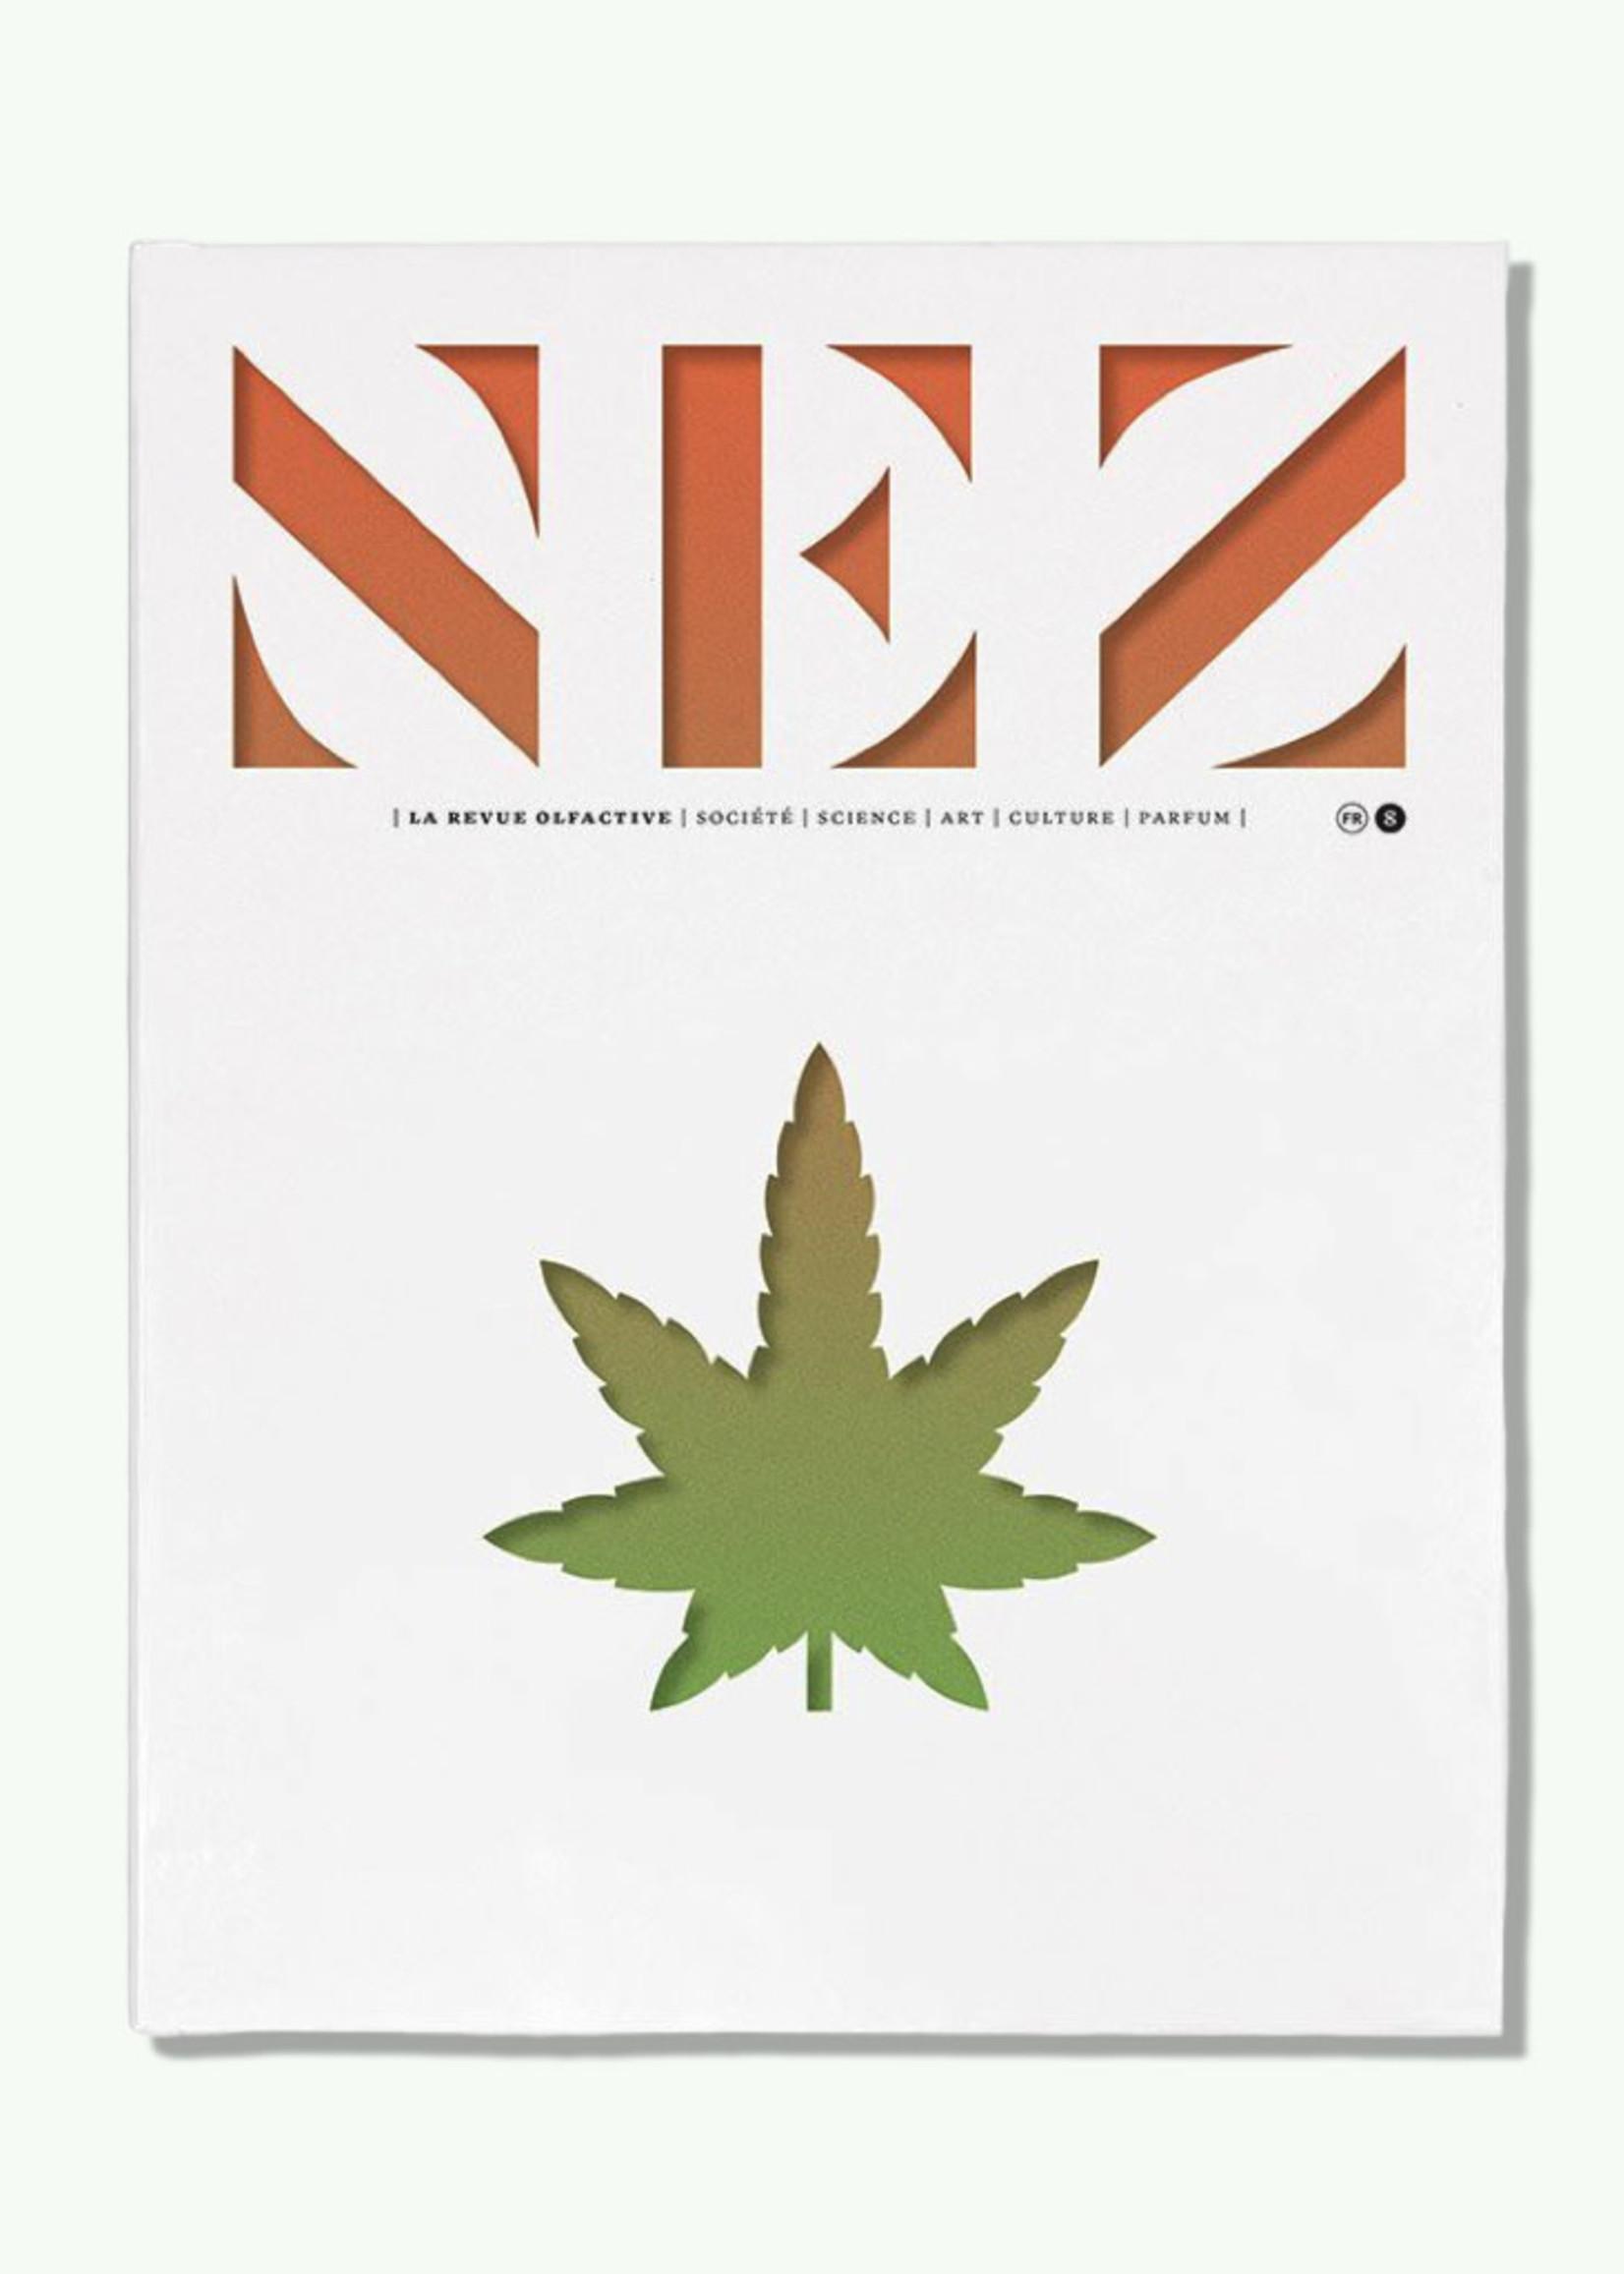 NEZ la revue olfactive NEZ n°8 - La Revue Olfactive